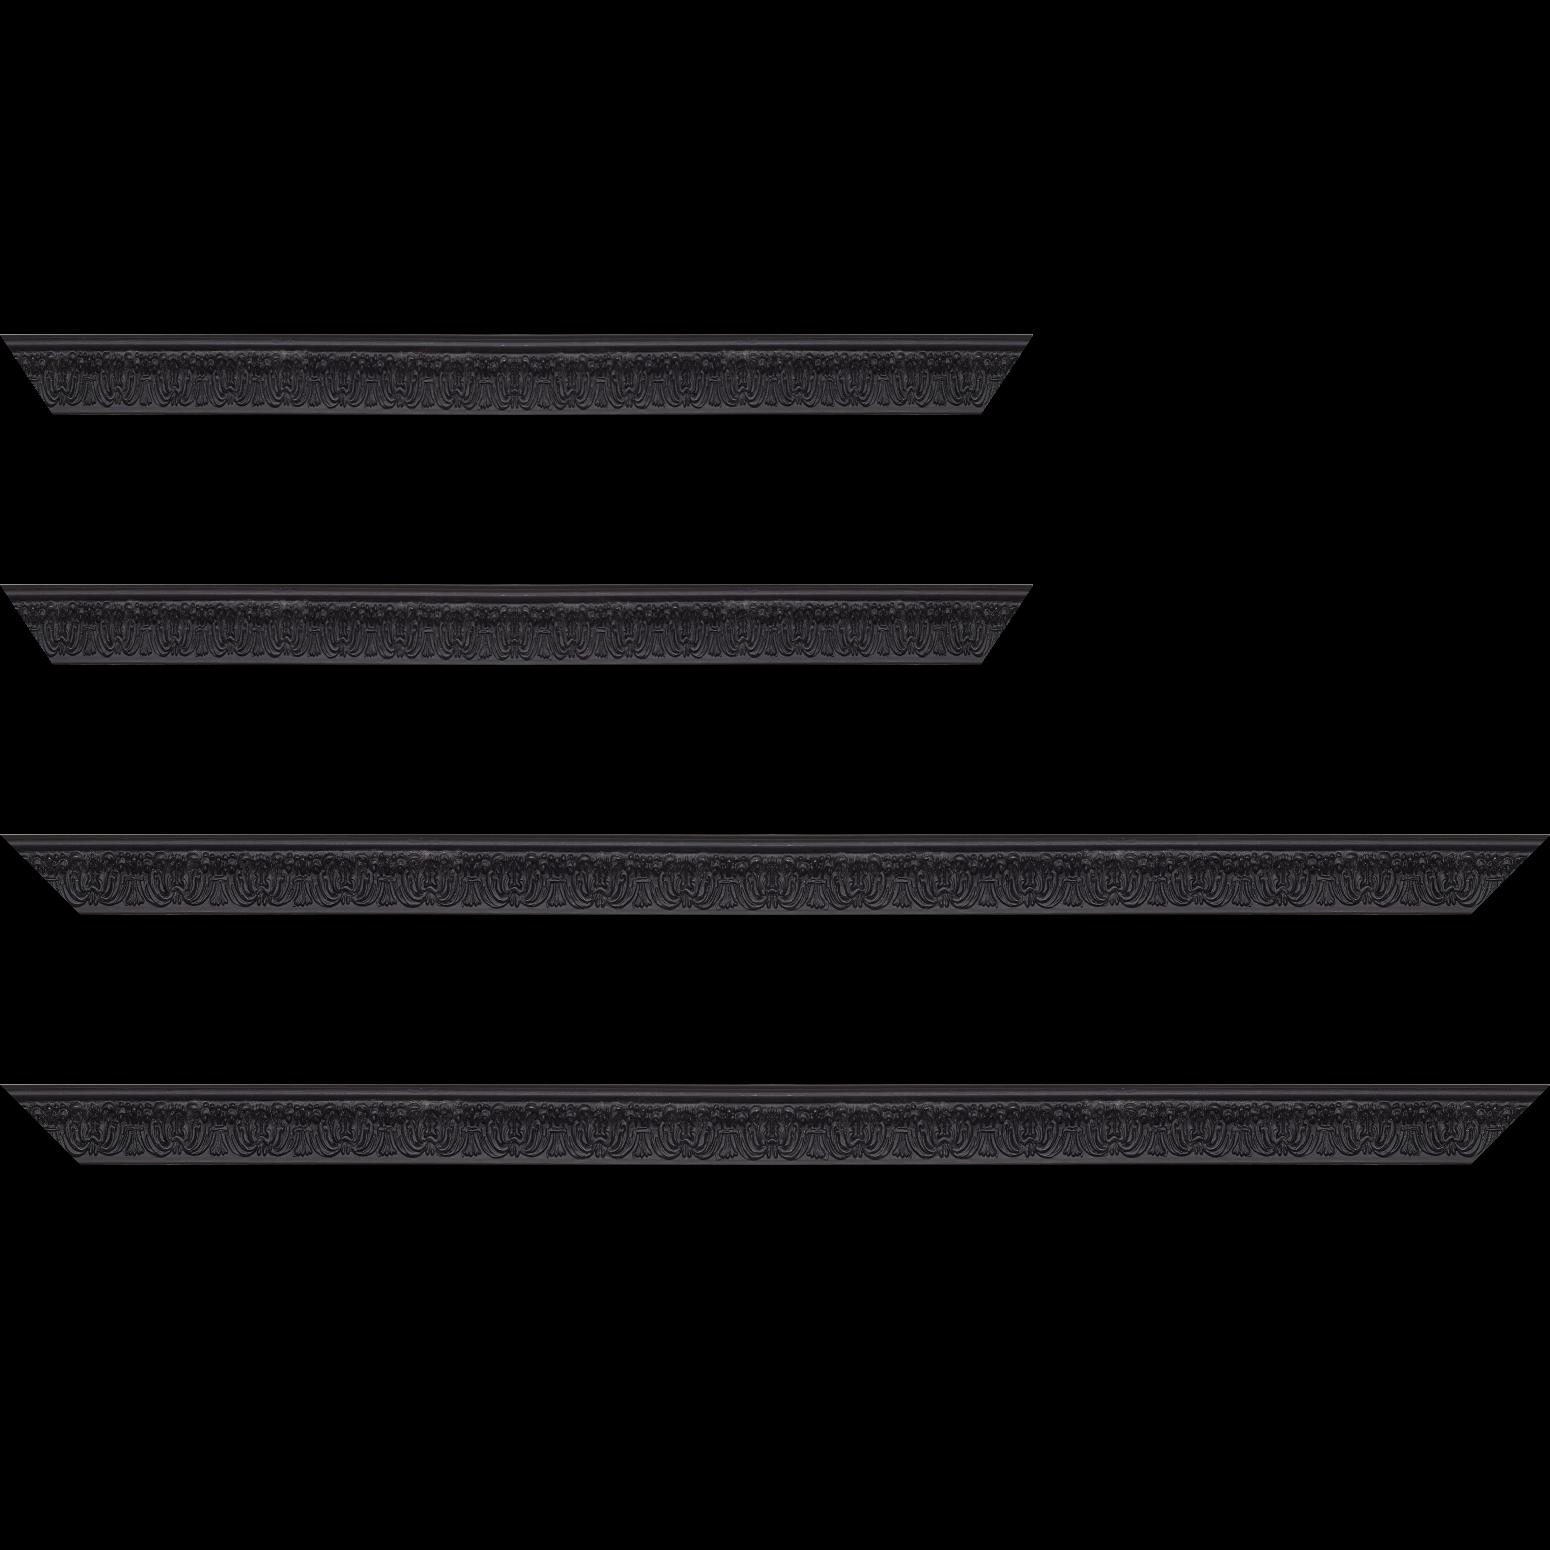 Baguette service précoupé Bois profil incurvé largeur 2.6cm couleur noir en relief sur fond noir